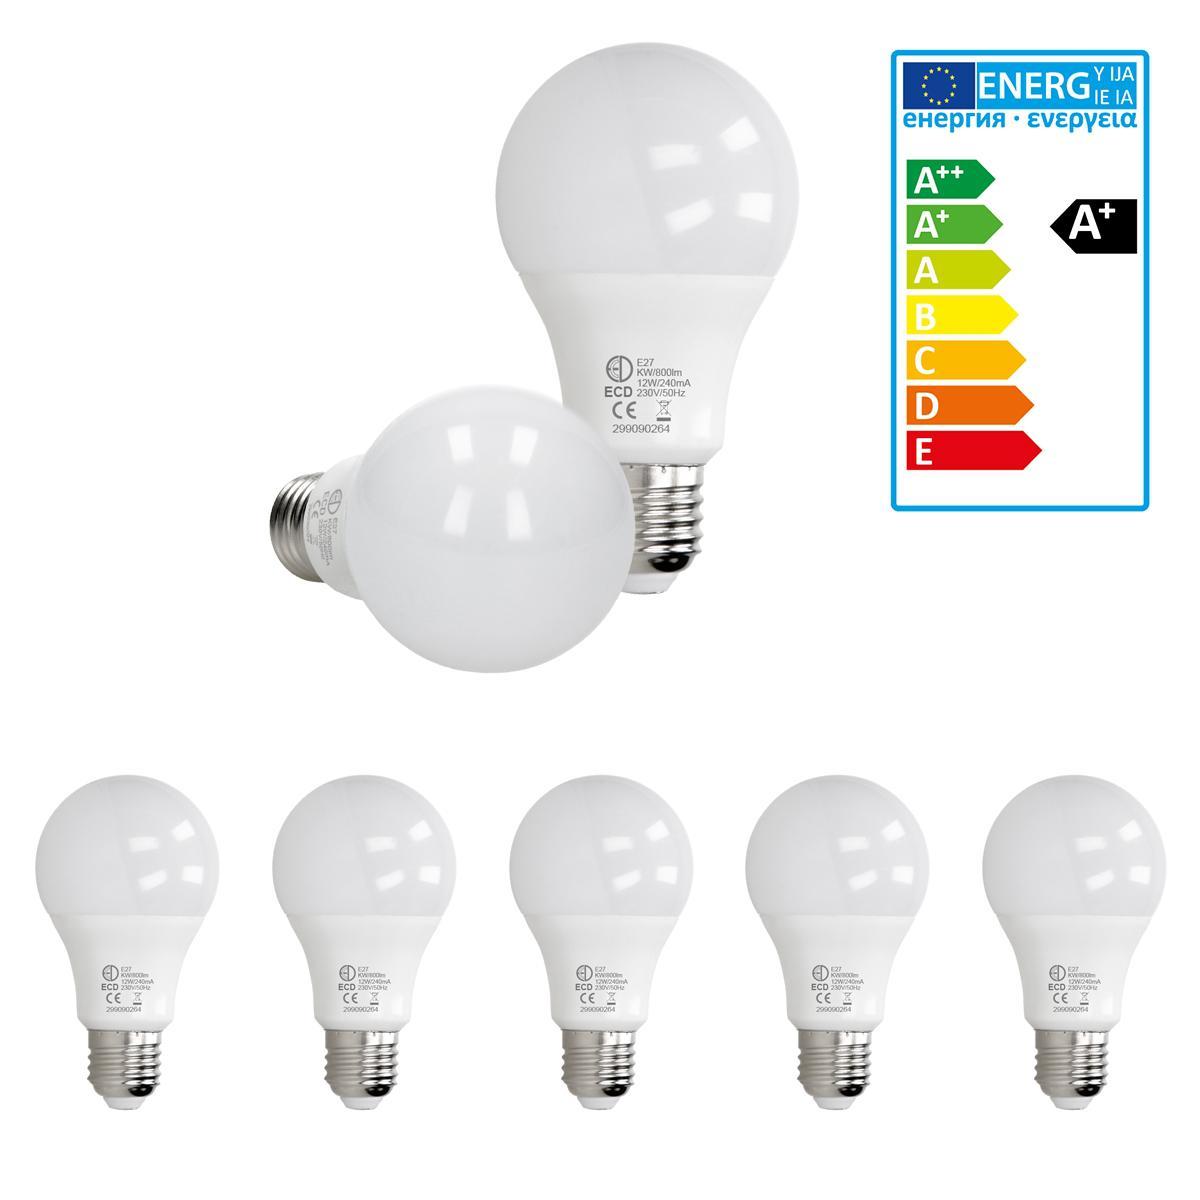 Ecd Germany ECD Germany 5 pièces de 12W E27 LED ampoule | 6000 Kelvin | Angle de faisceau 270 ° | 800 lumens | Blanc froid | 220-240